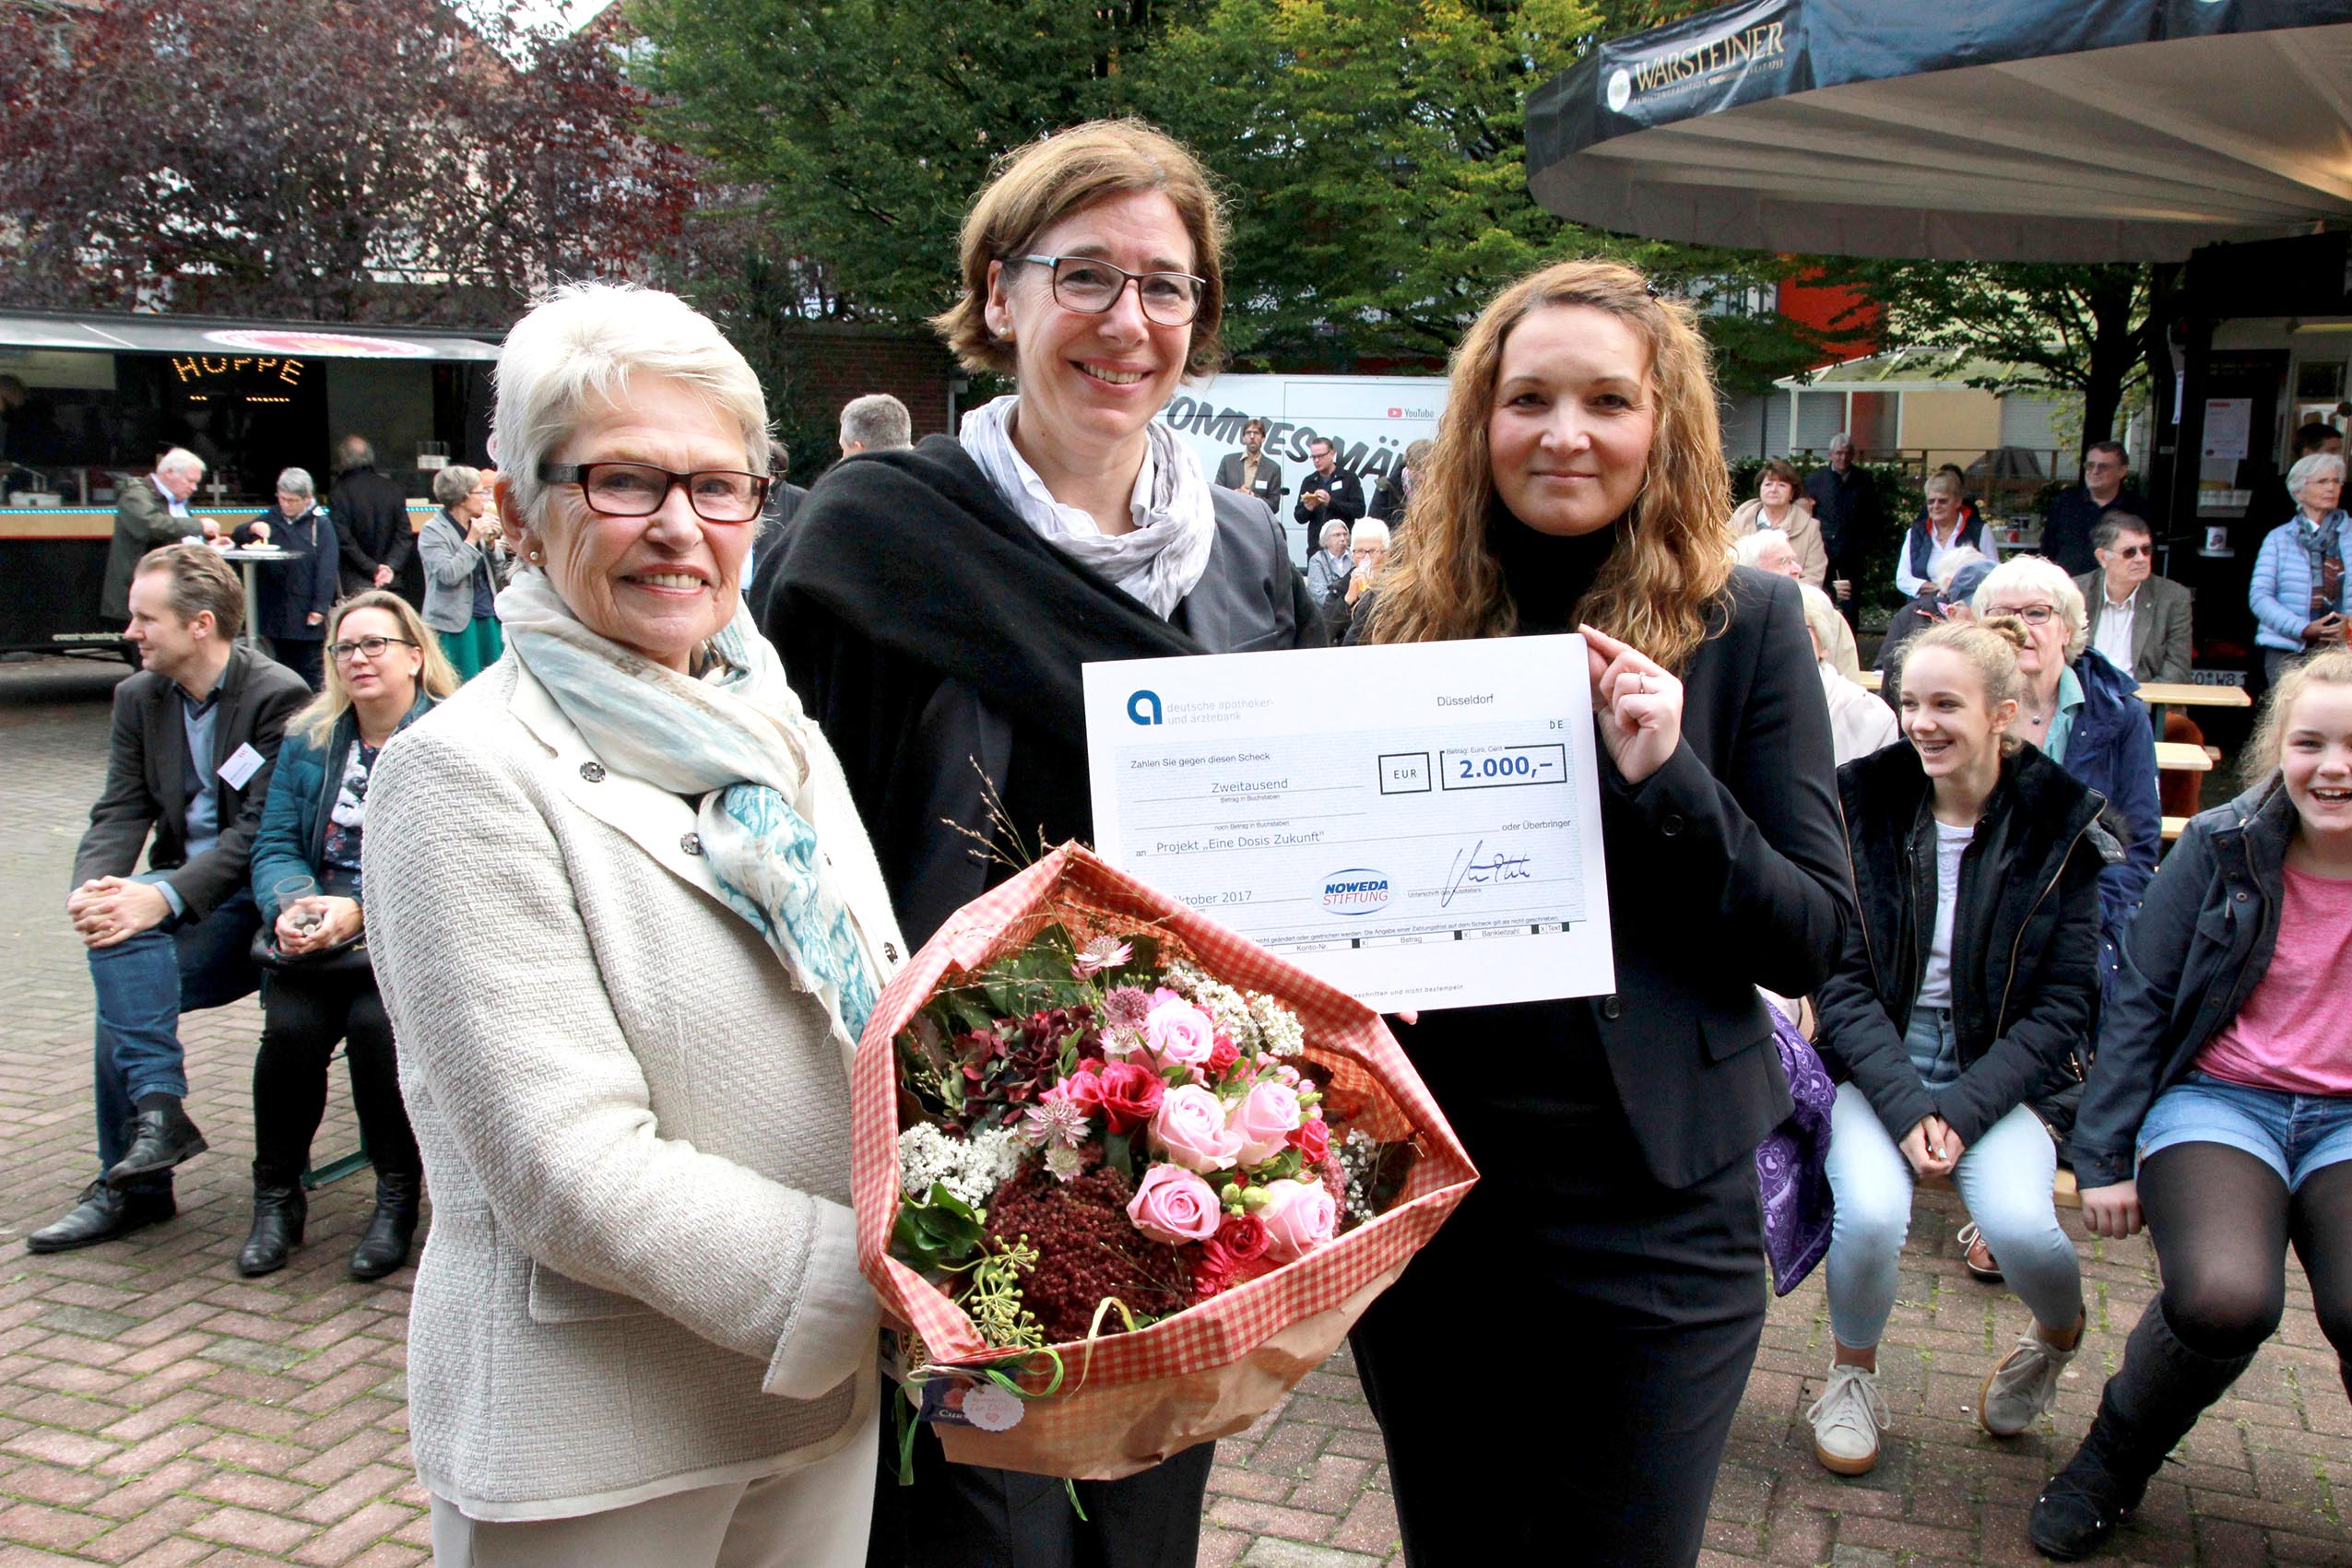 Suzana Upmann überreichte von der NOWEDA-Stiftung an die Präsidentin der Apothekerkammer eine großzügige Spende in Höhe von 2.000 Euro.